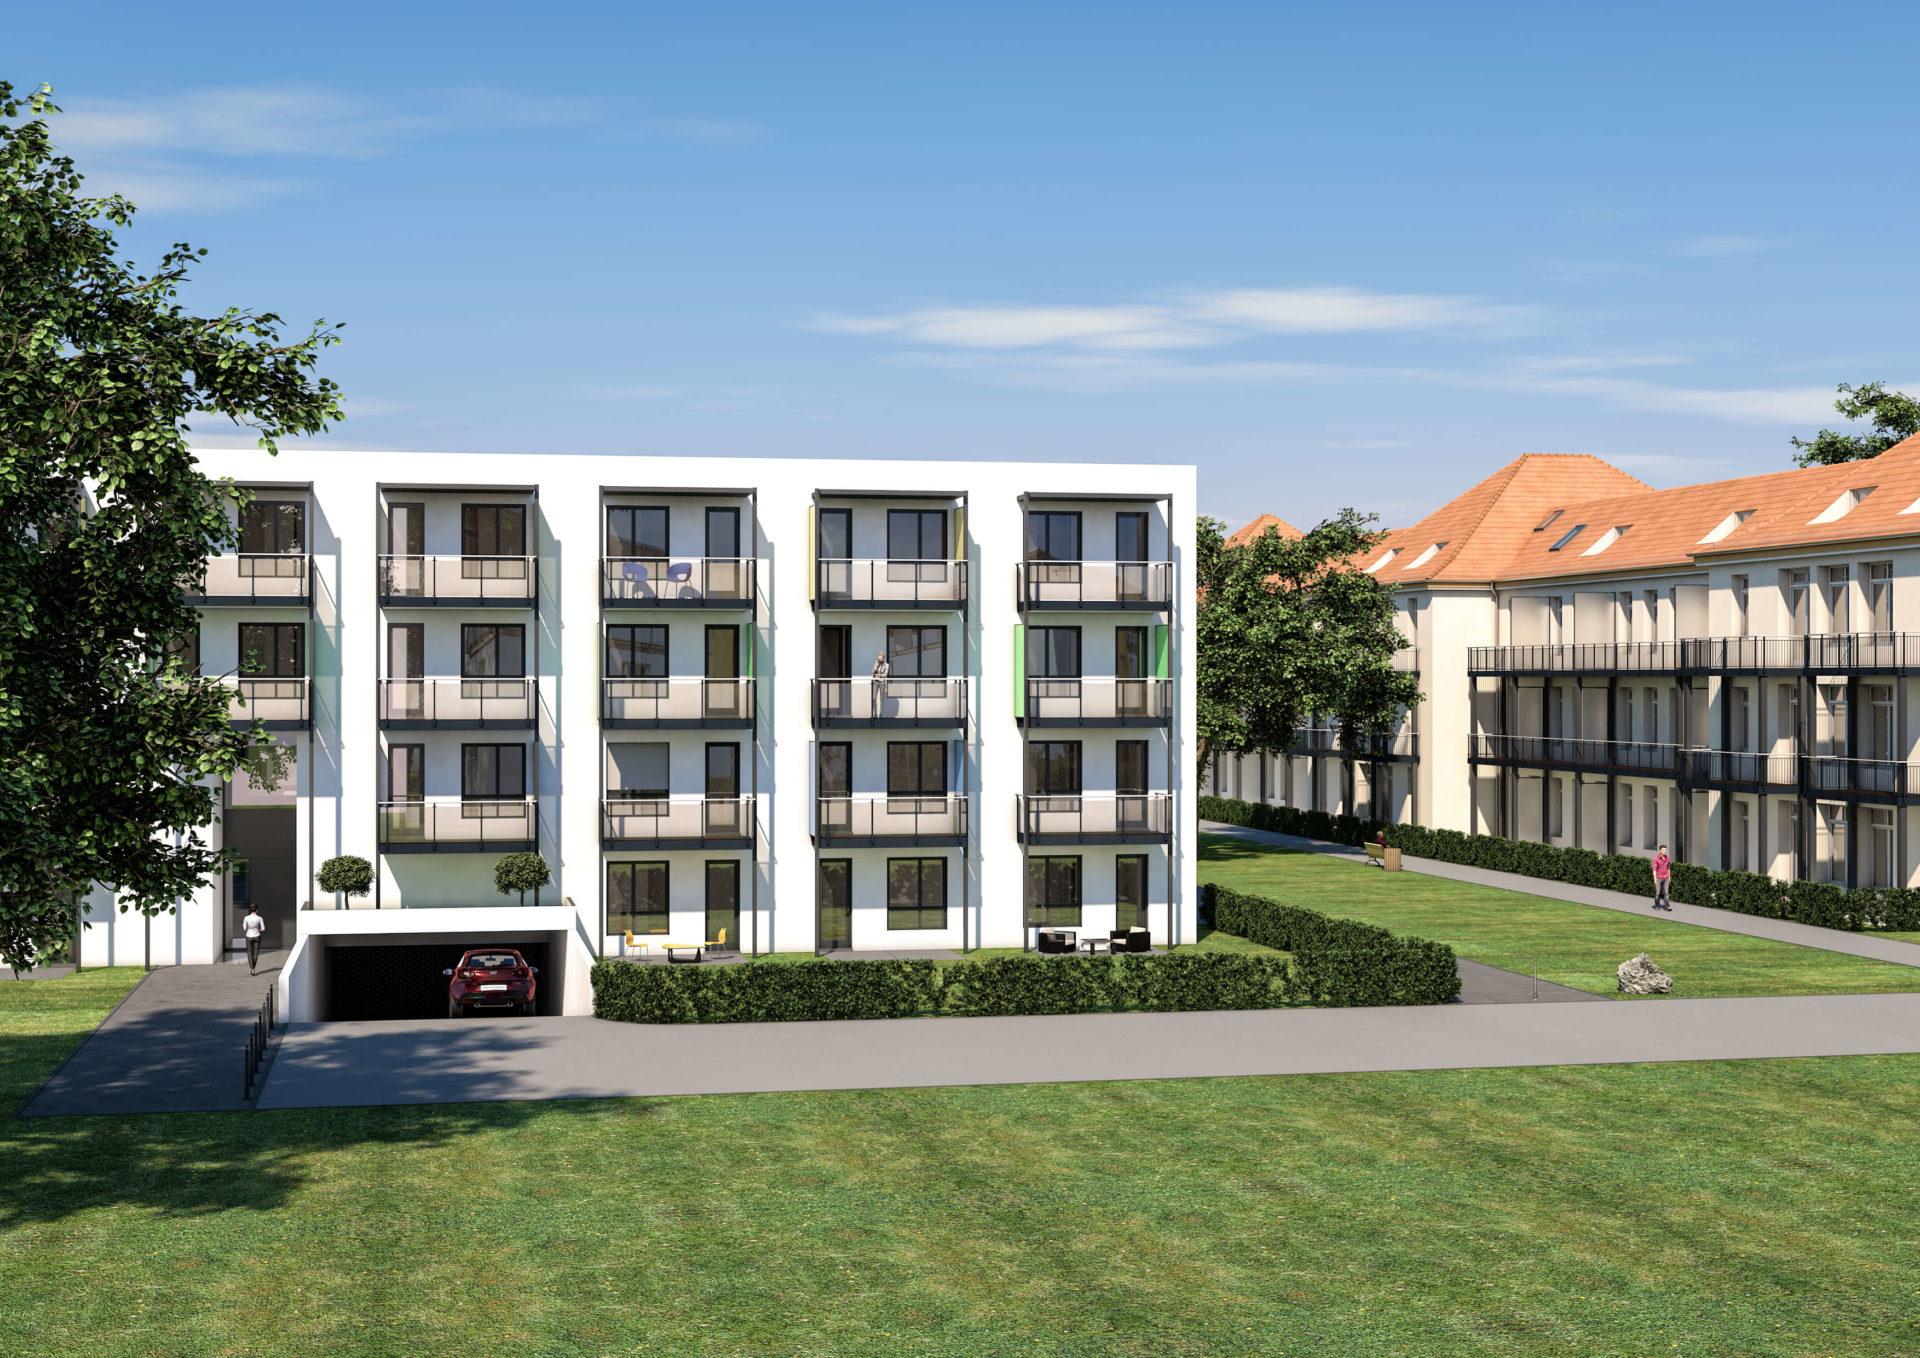 Front Darstellung vom Campus in Amberg